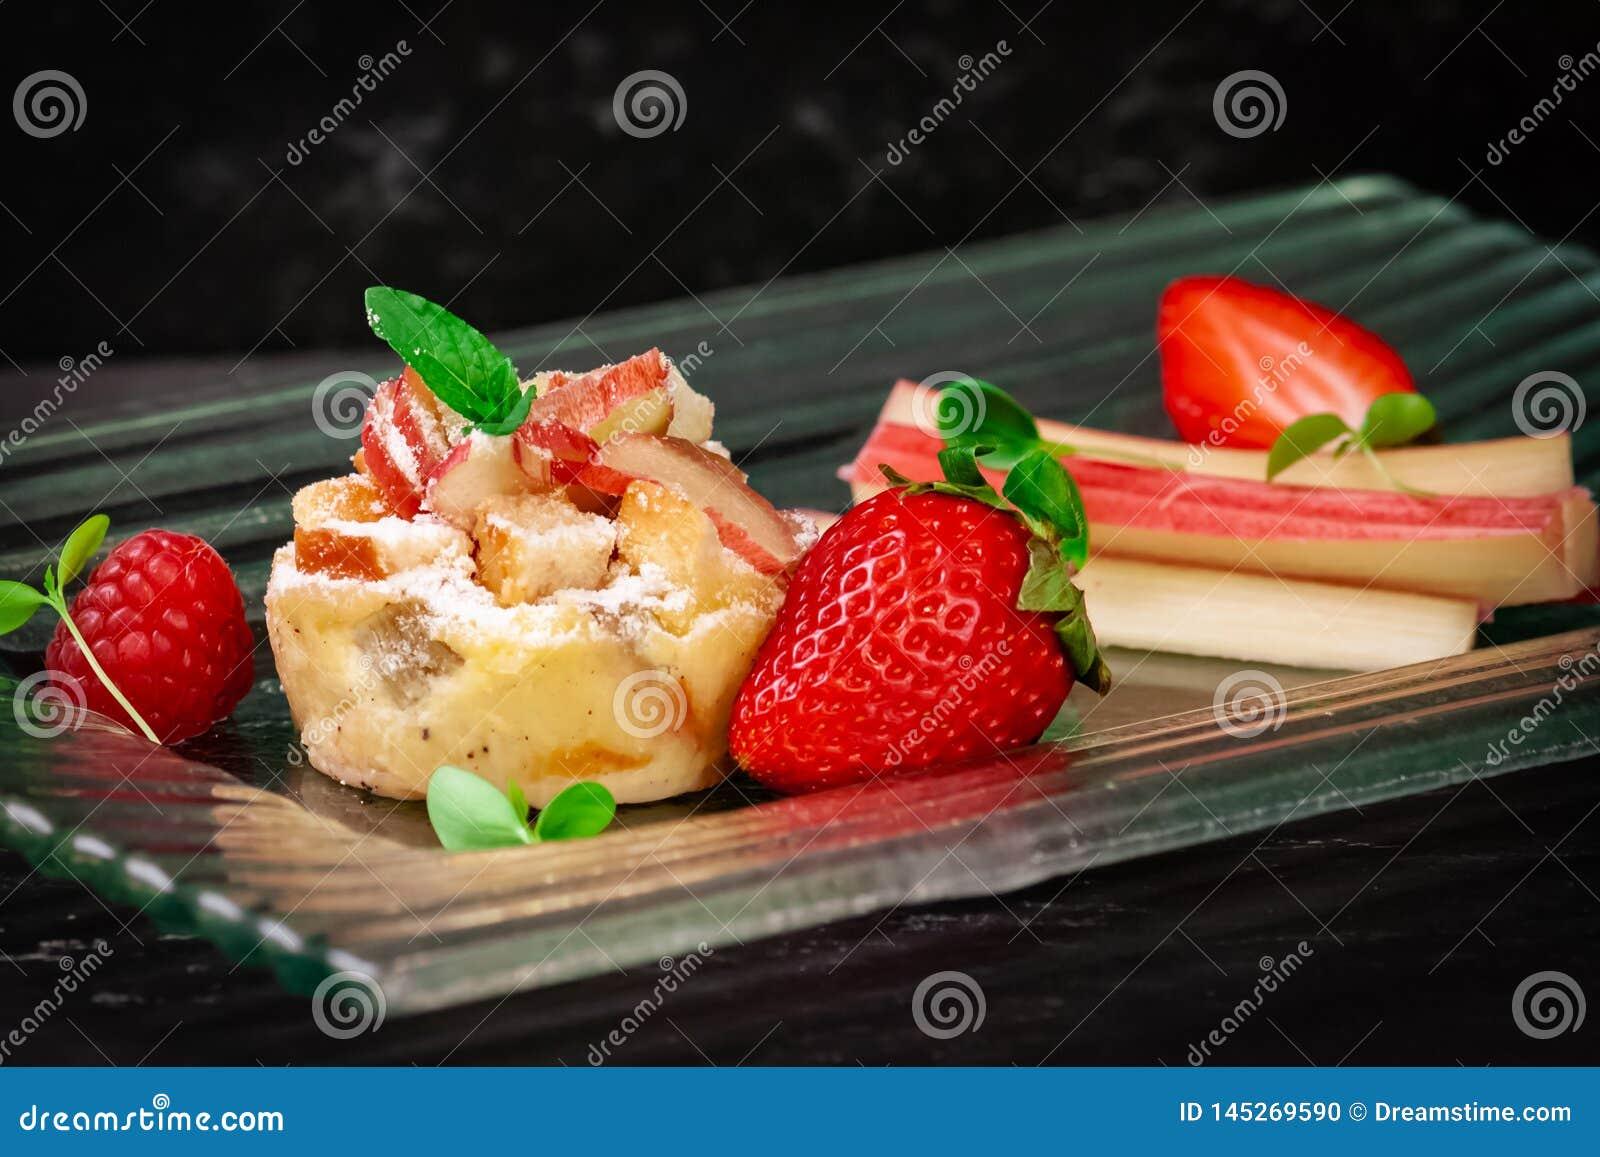 Torta del ruibarbo con la fresa en vista lateral de la placa de cristal